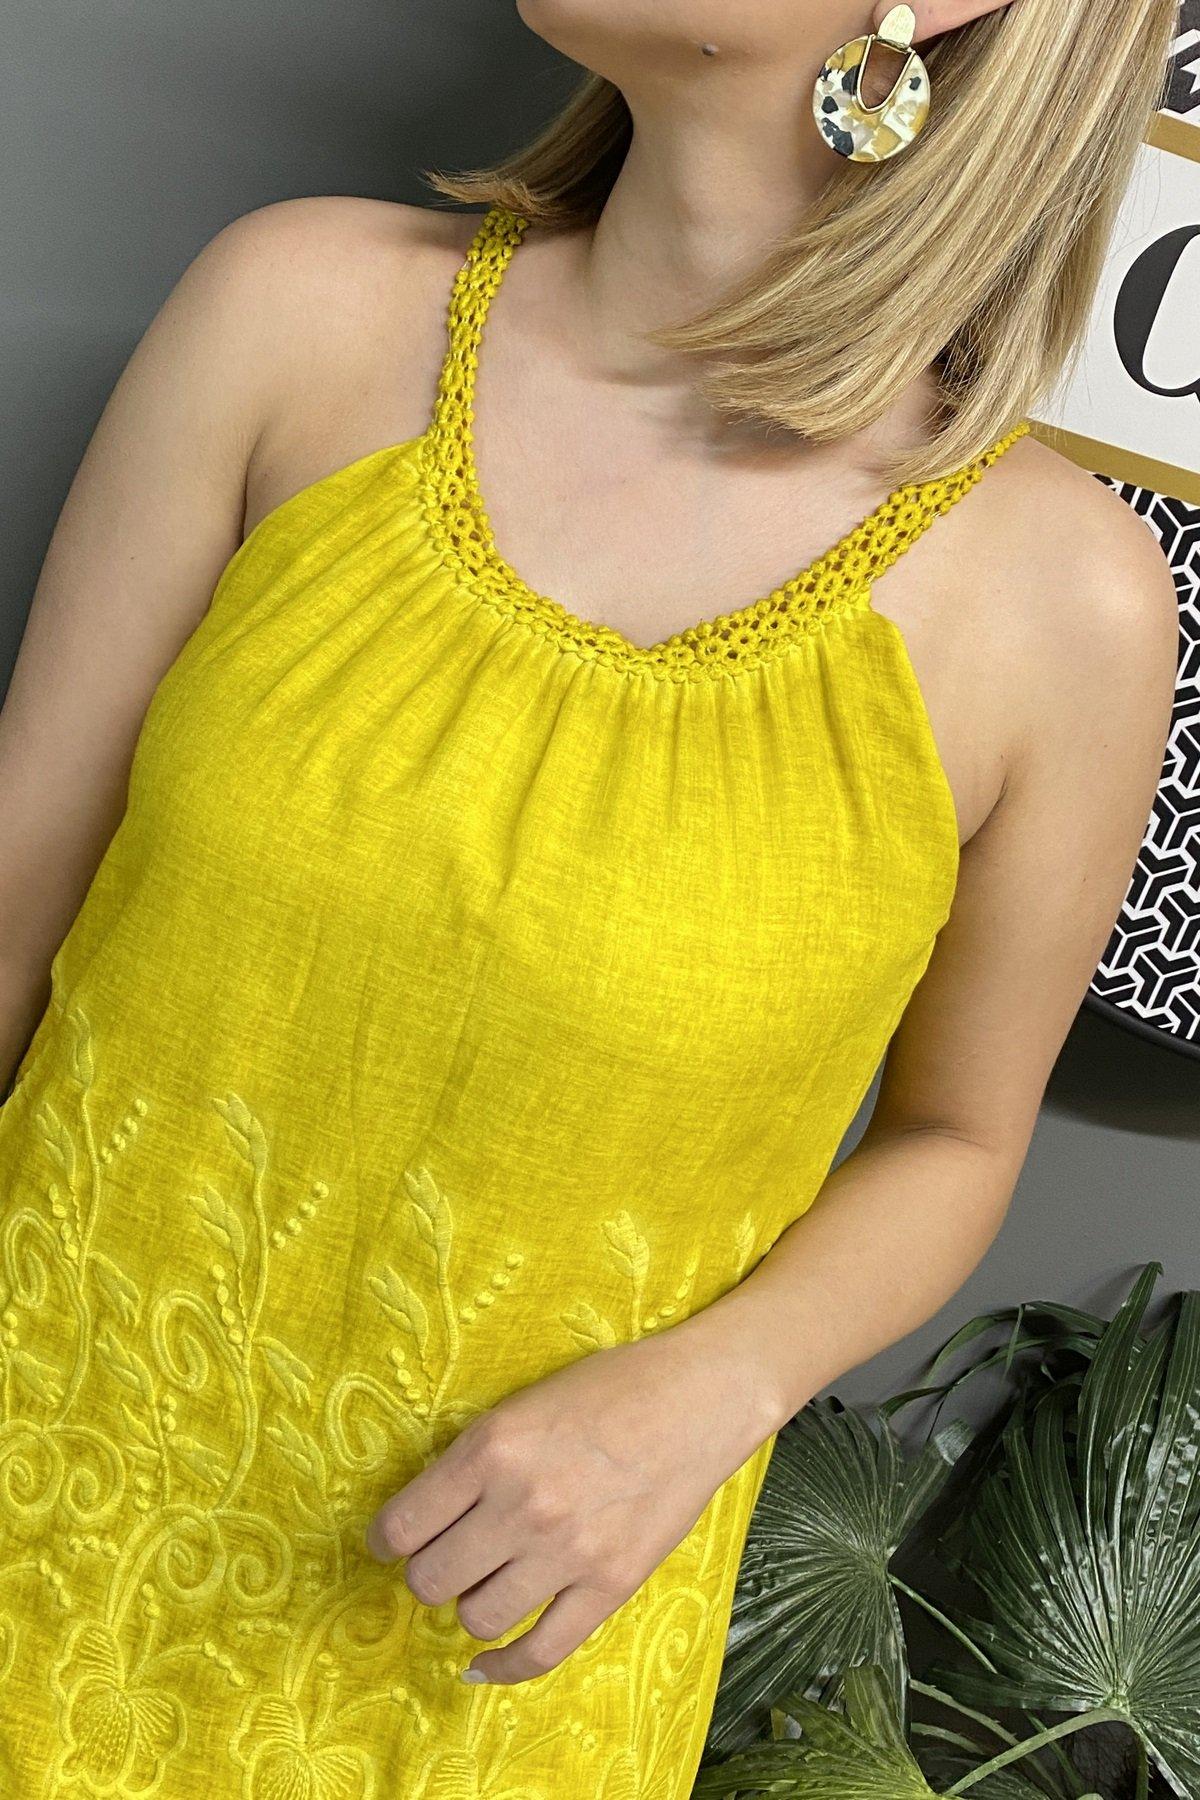 İnce Askılı Çiçekli Etek Ucu Dantel Elbise